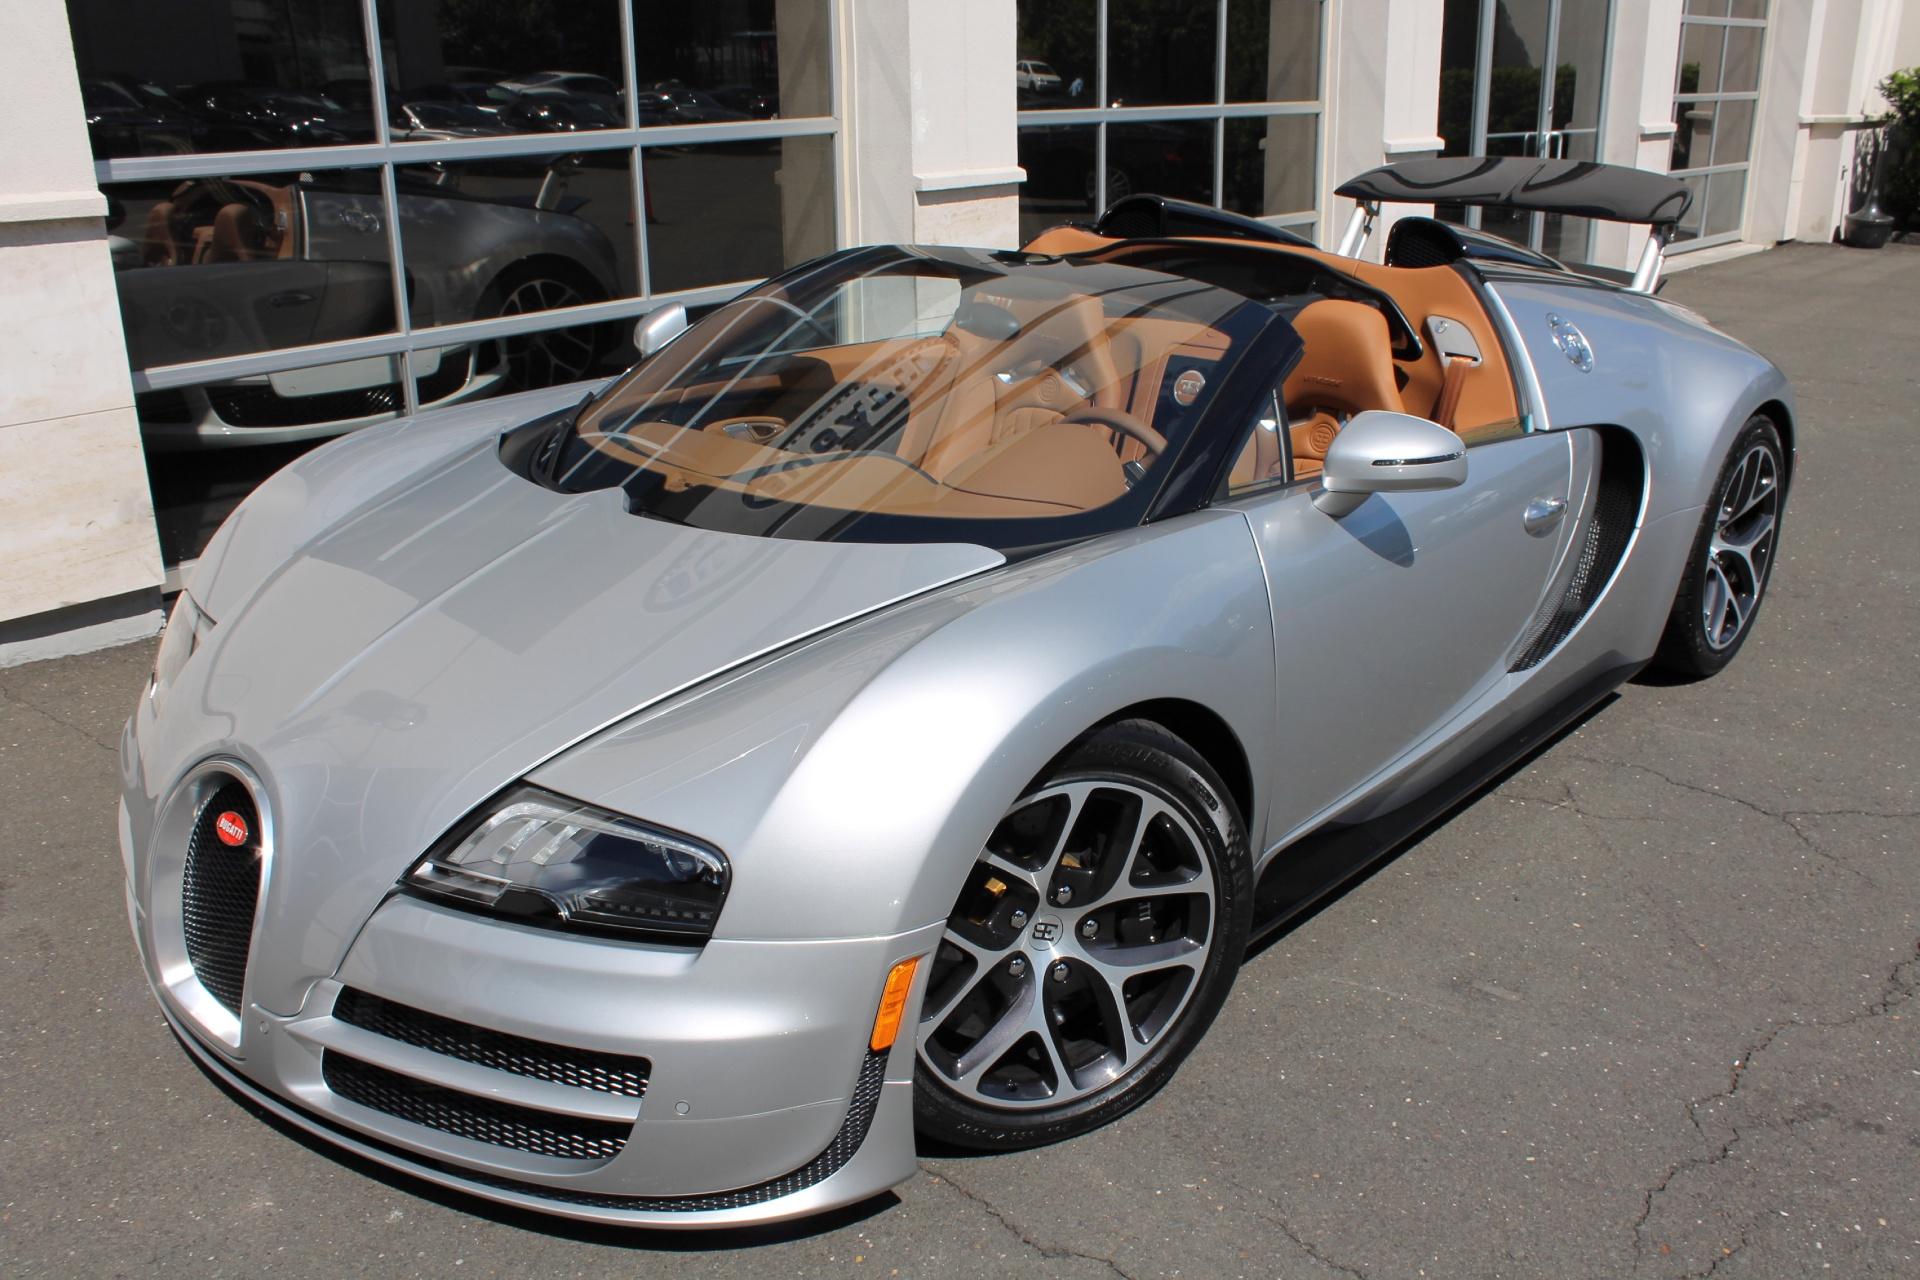 Bugattis For Sale >> Two Bugatti Veyron Grand Sport Vitesse S For Sale At U S